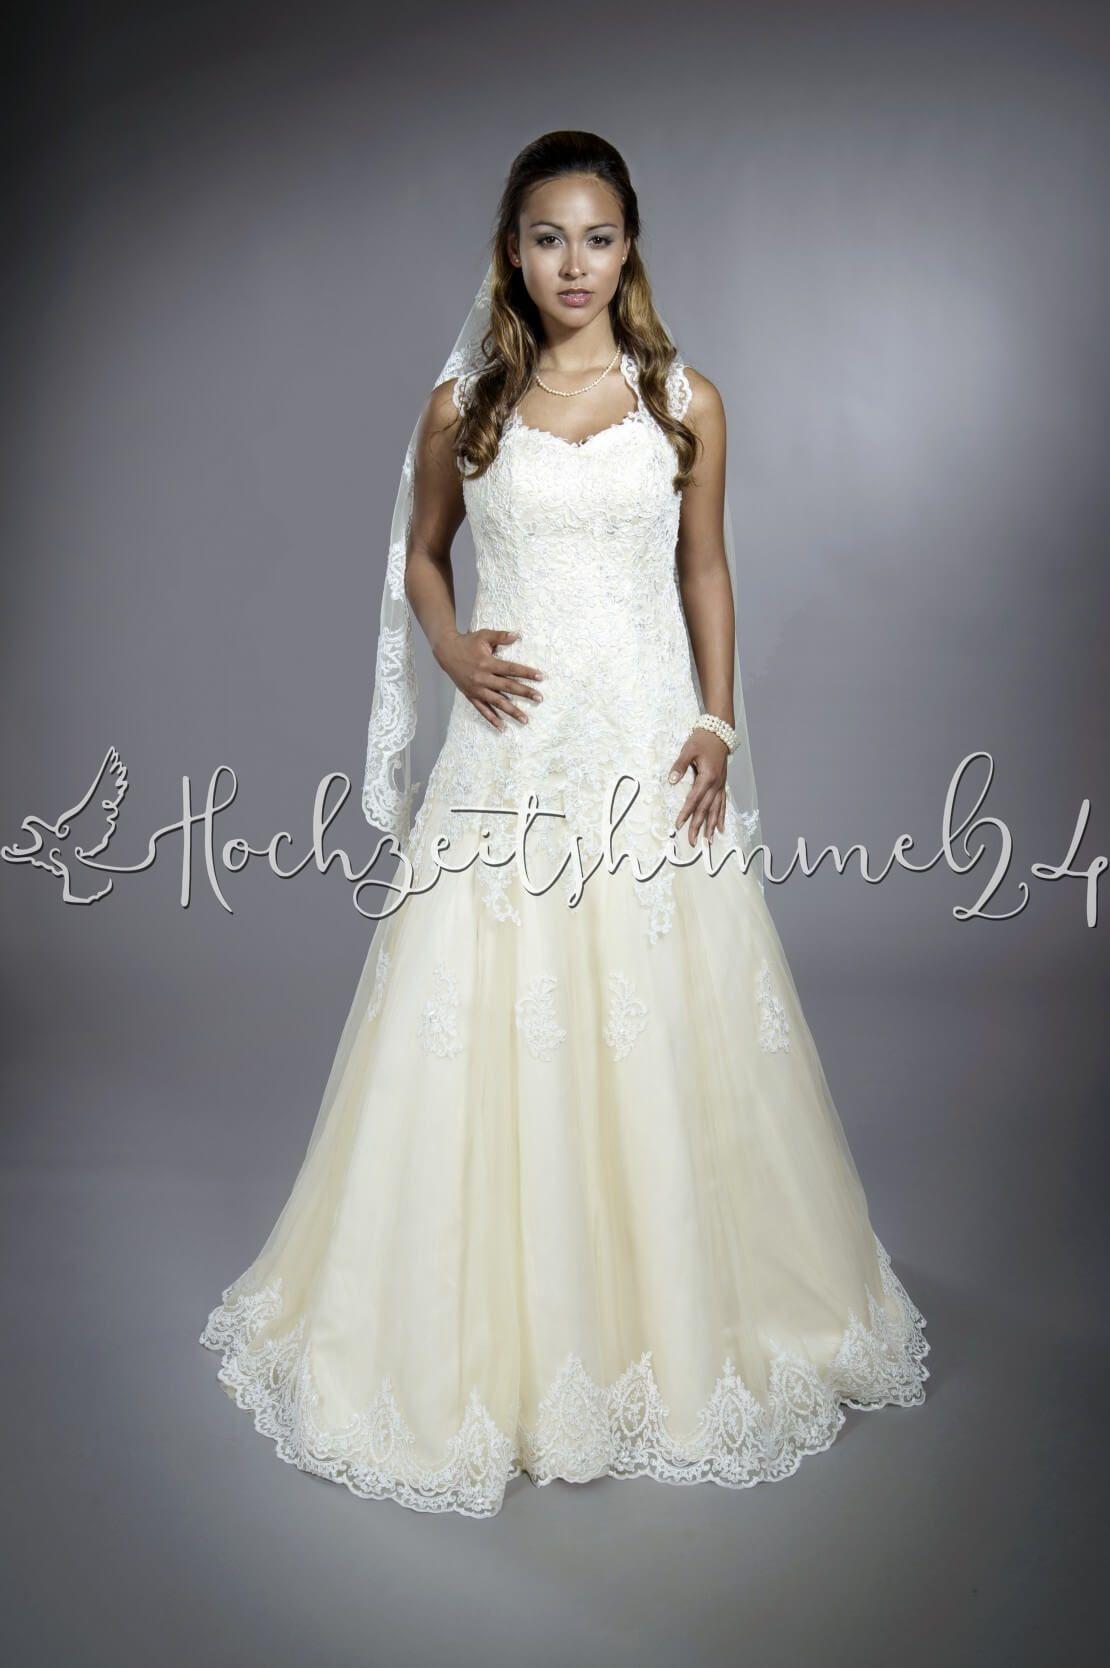 Pin auf Hochzeitskleider, Brautkleider, Wedding Dress